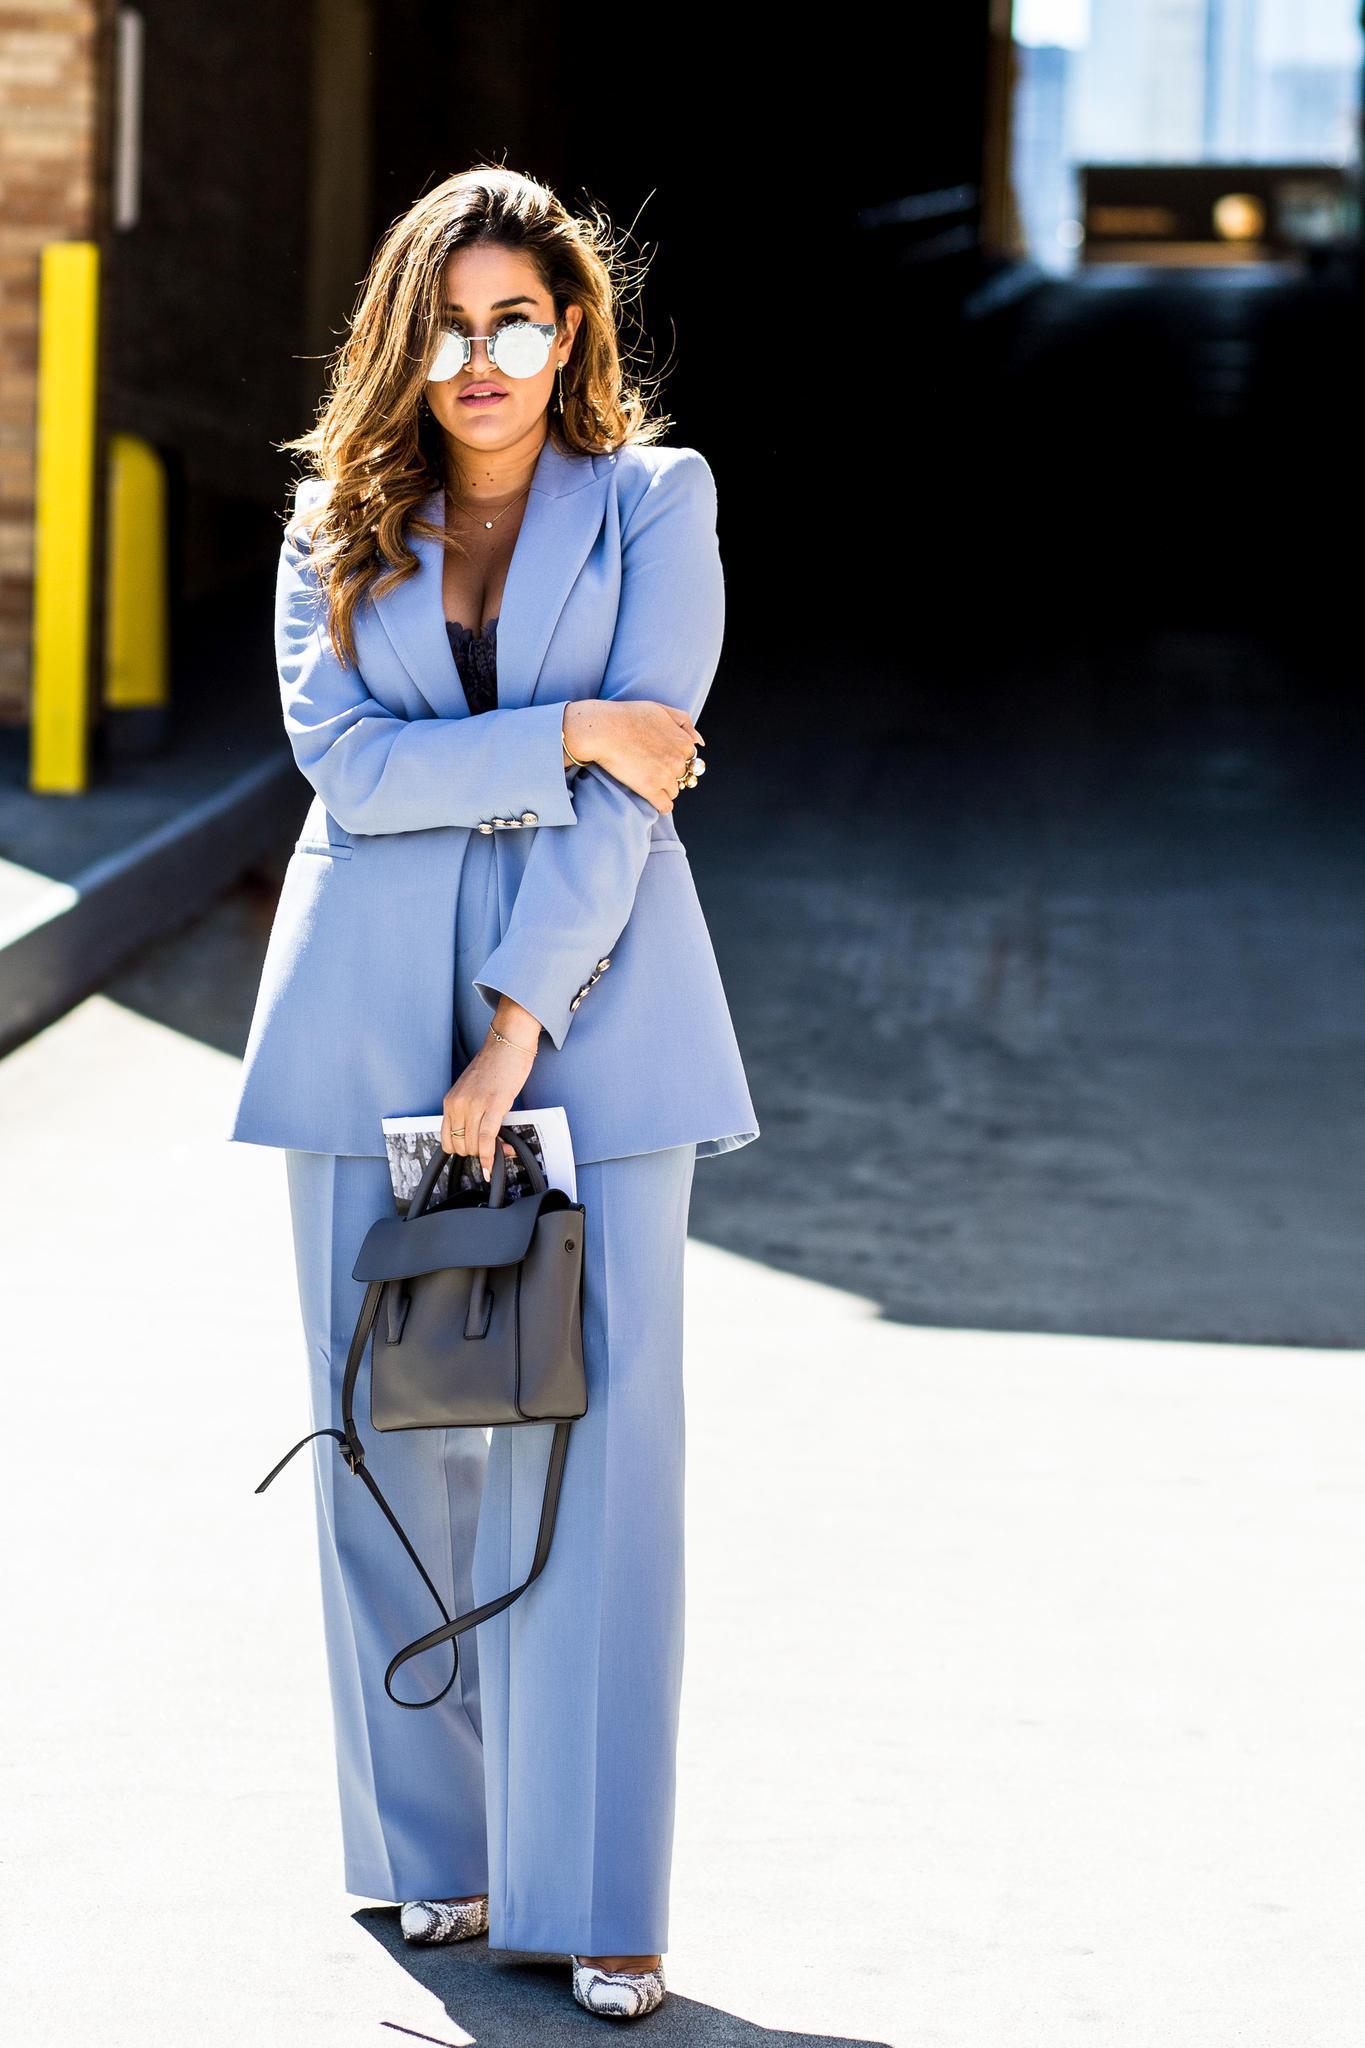 Hosenanzug mit XL-Hose an einer Frau